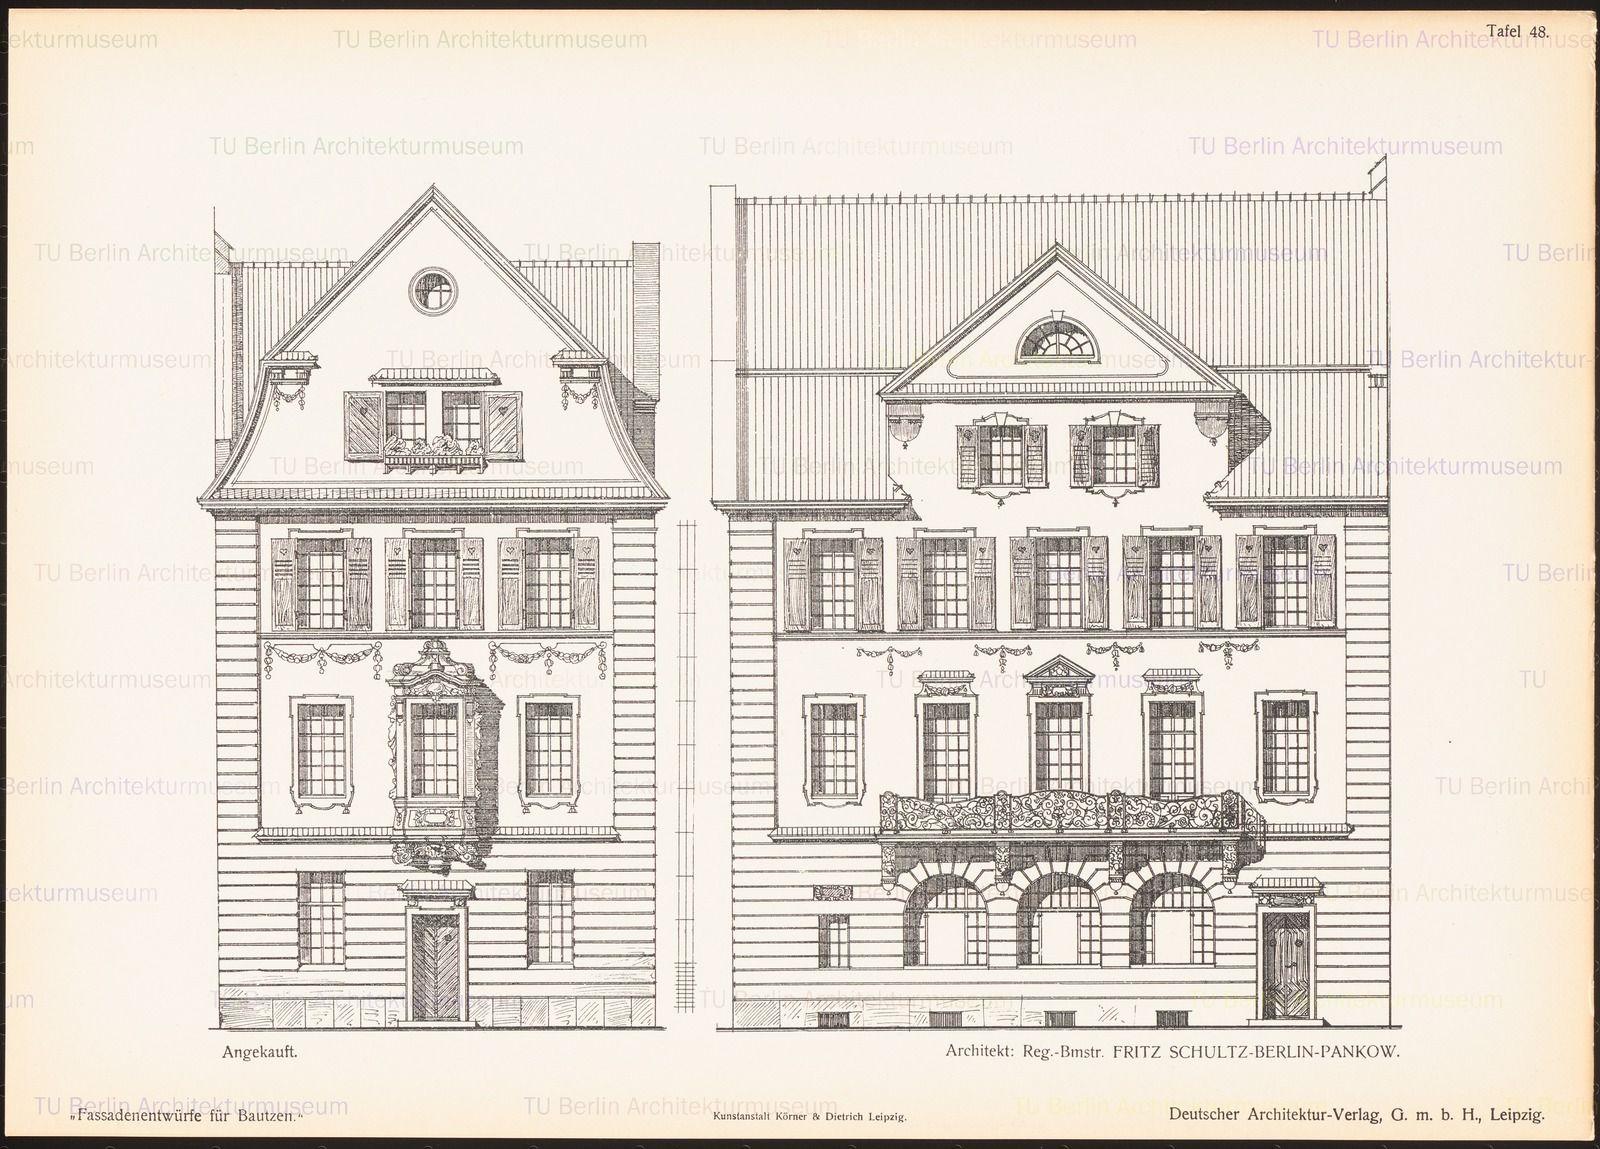 Ansichten And Aufbewahrung Standort Architektur Skizze Fassade Architektur